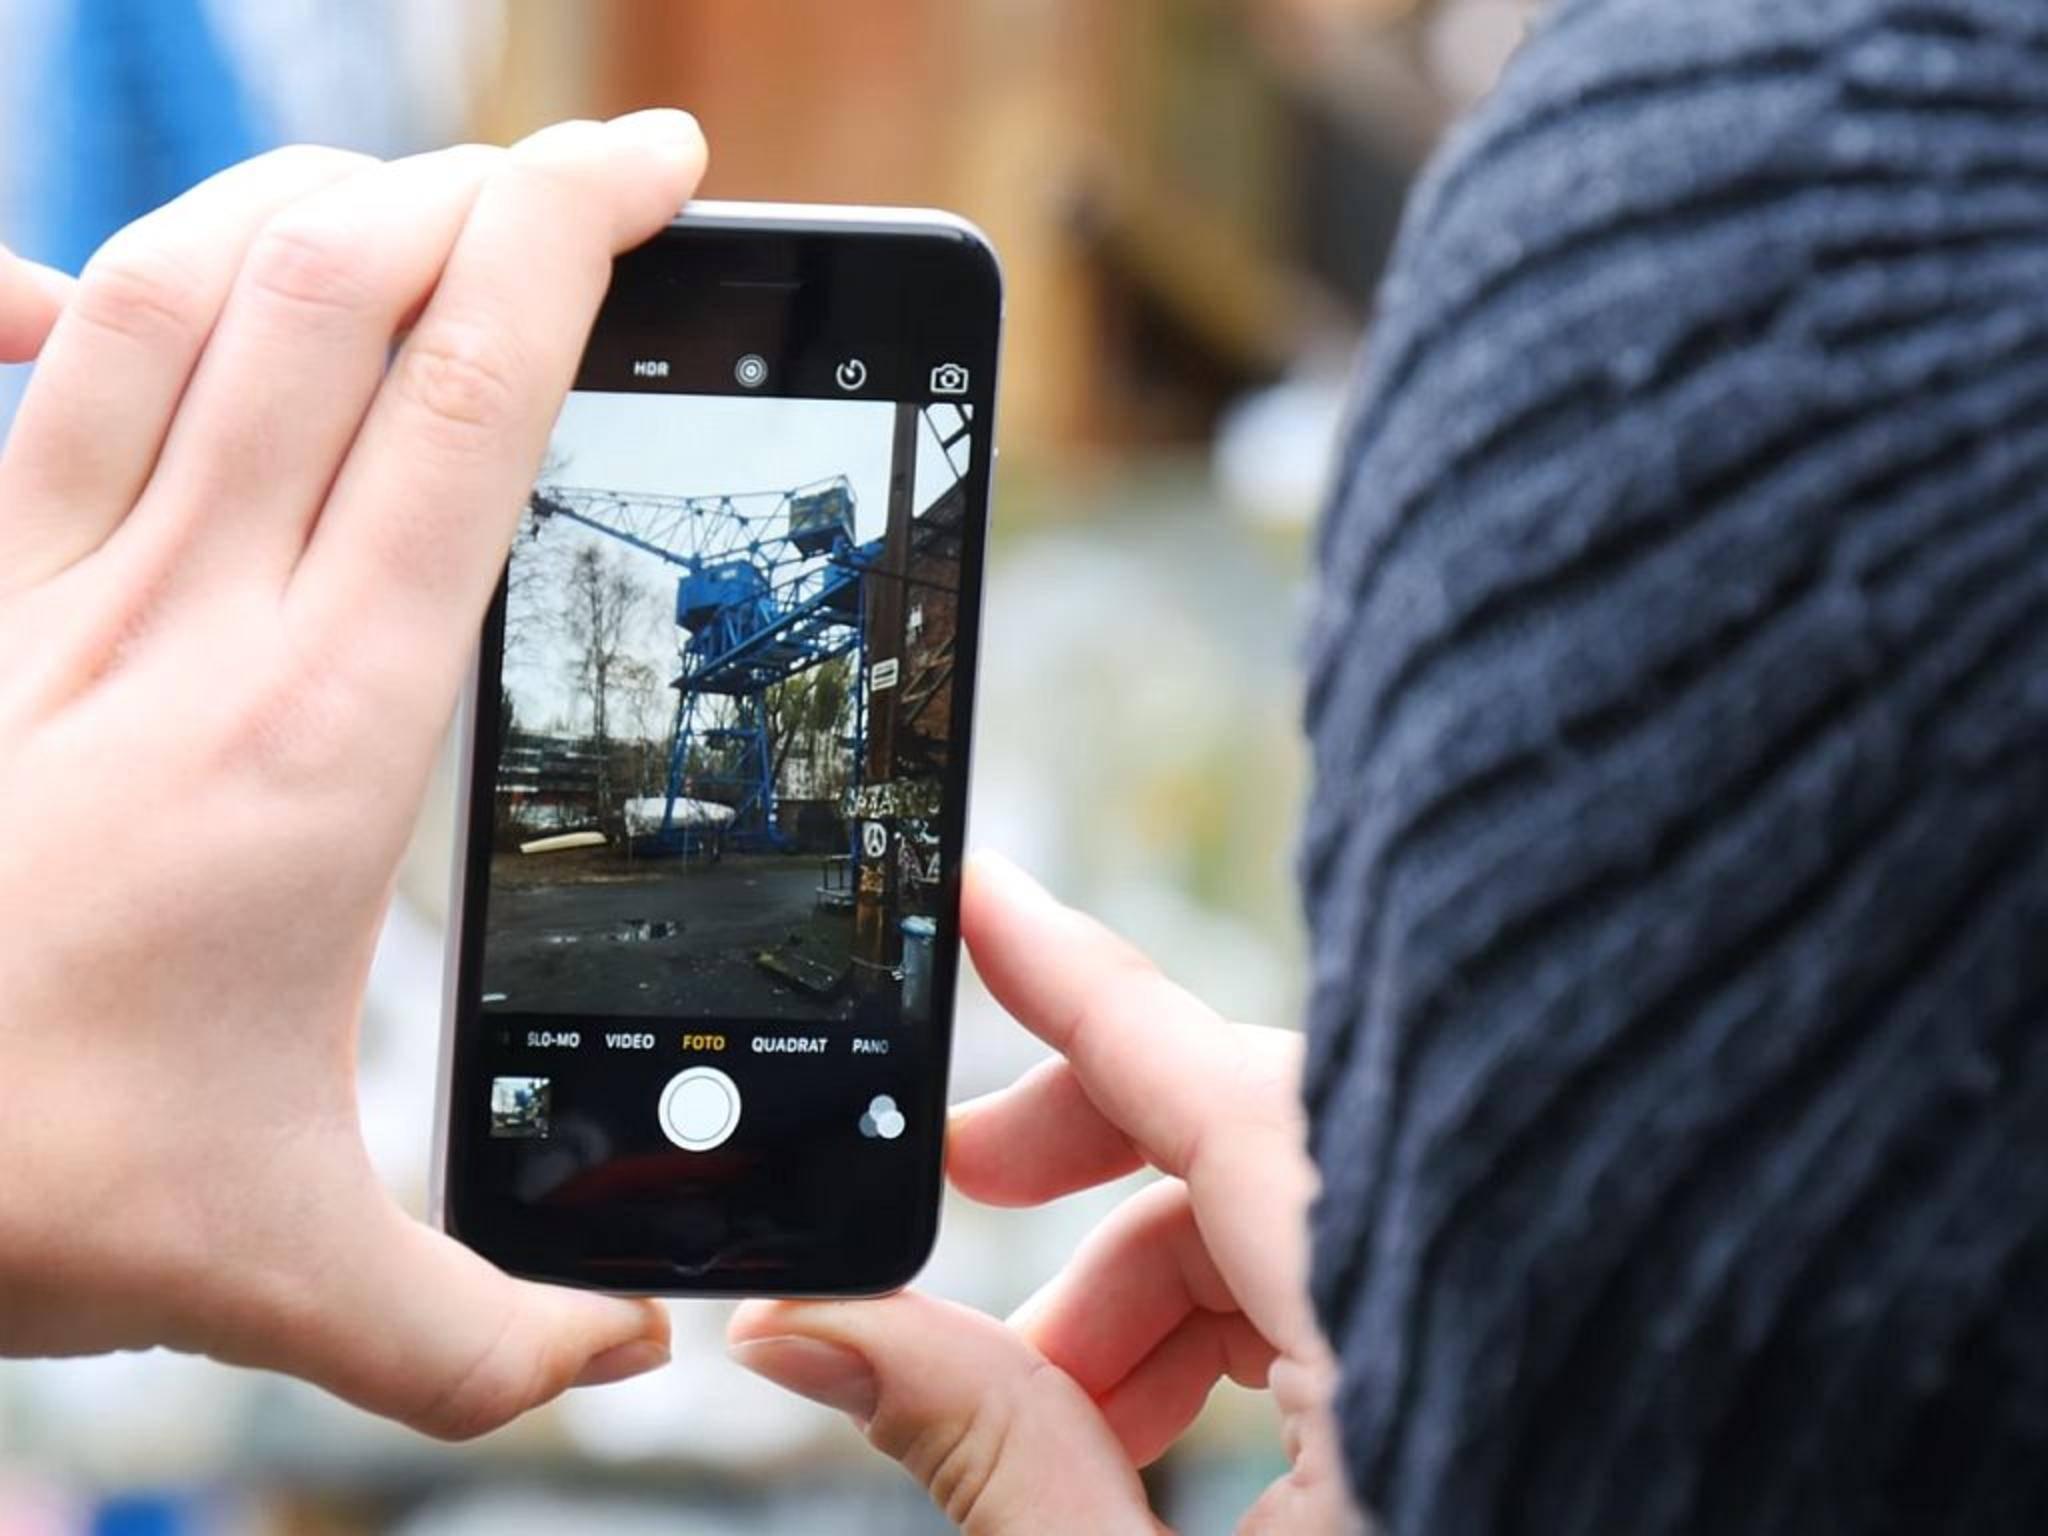 Welches Smartphone macht die schönsten Bilder?